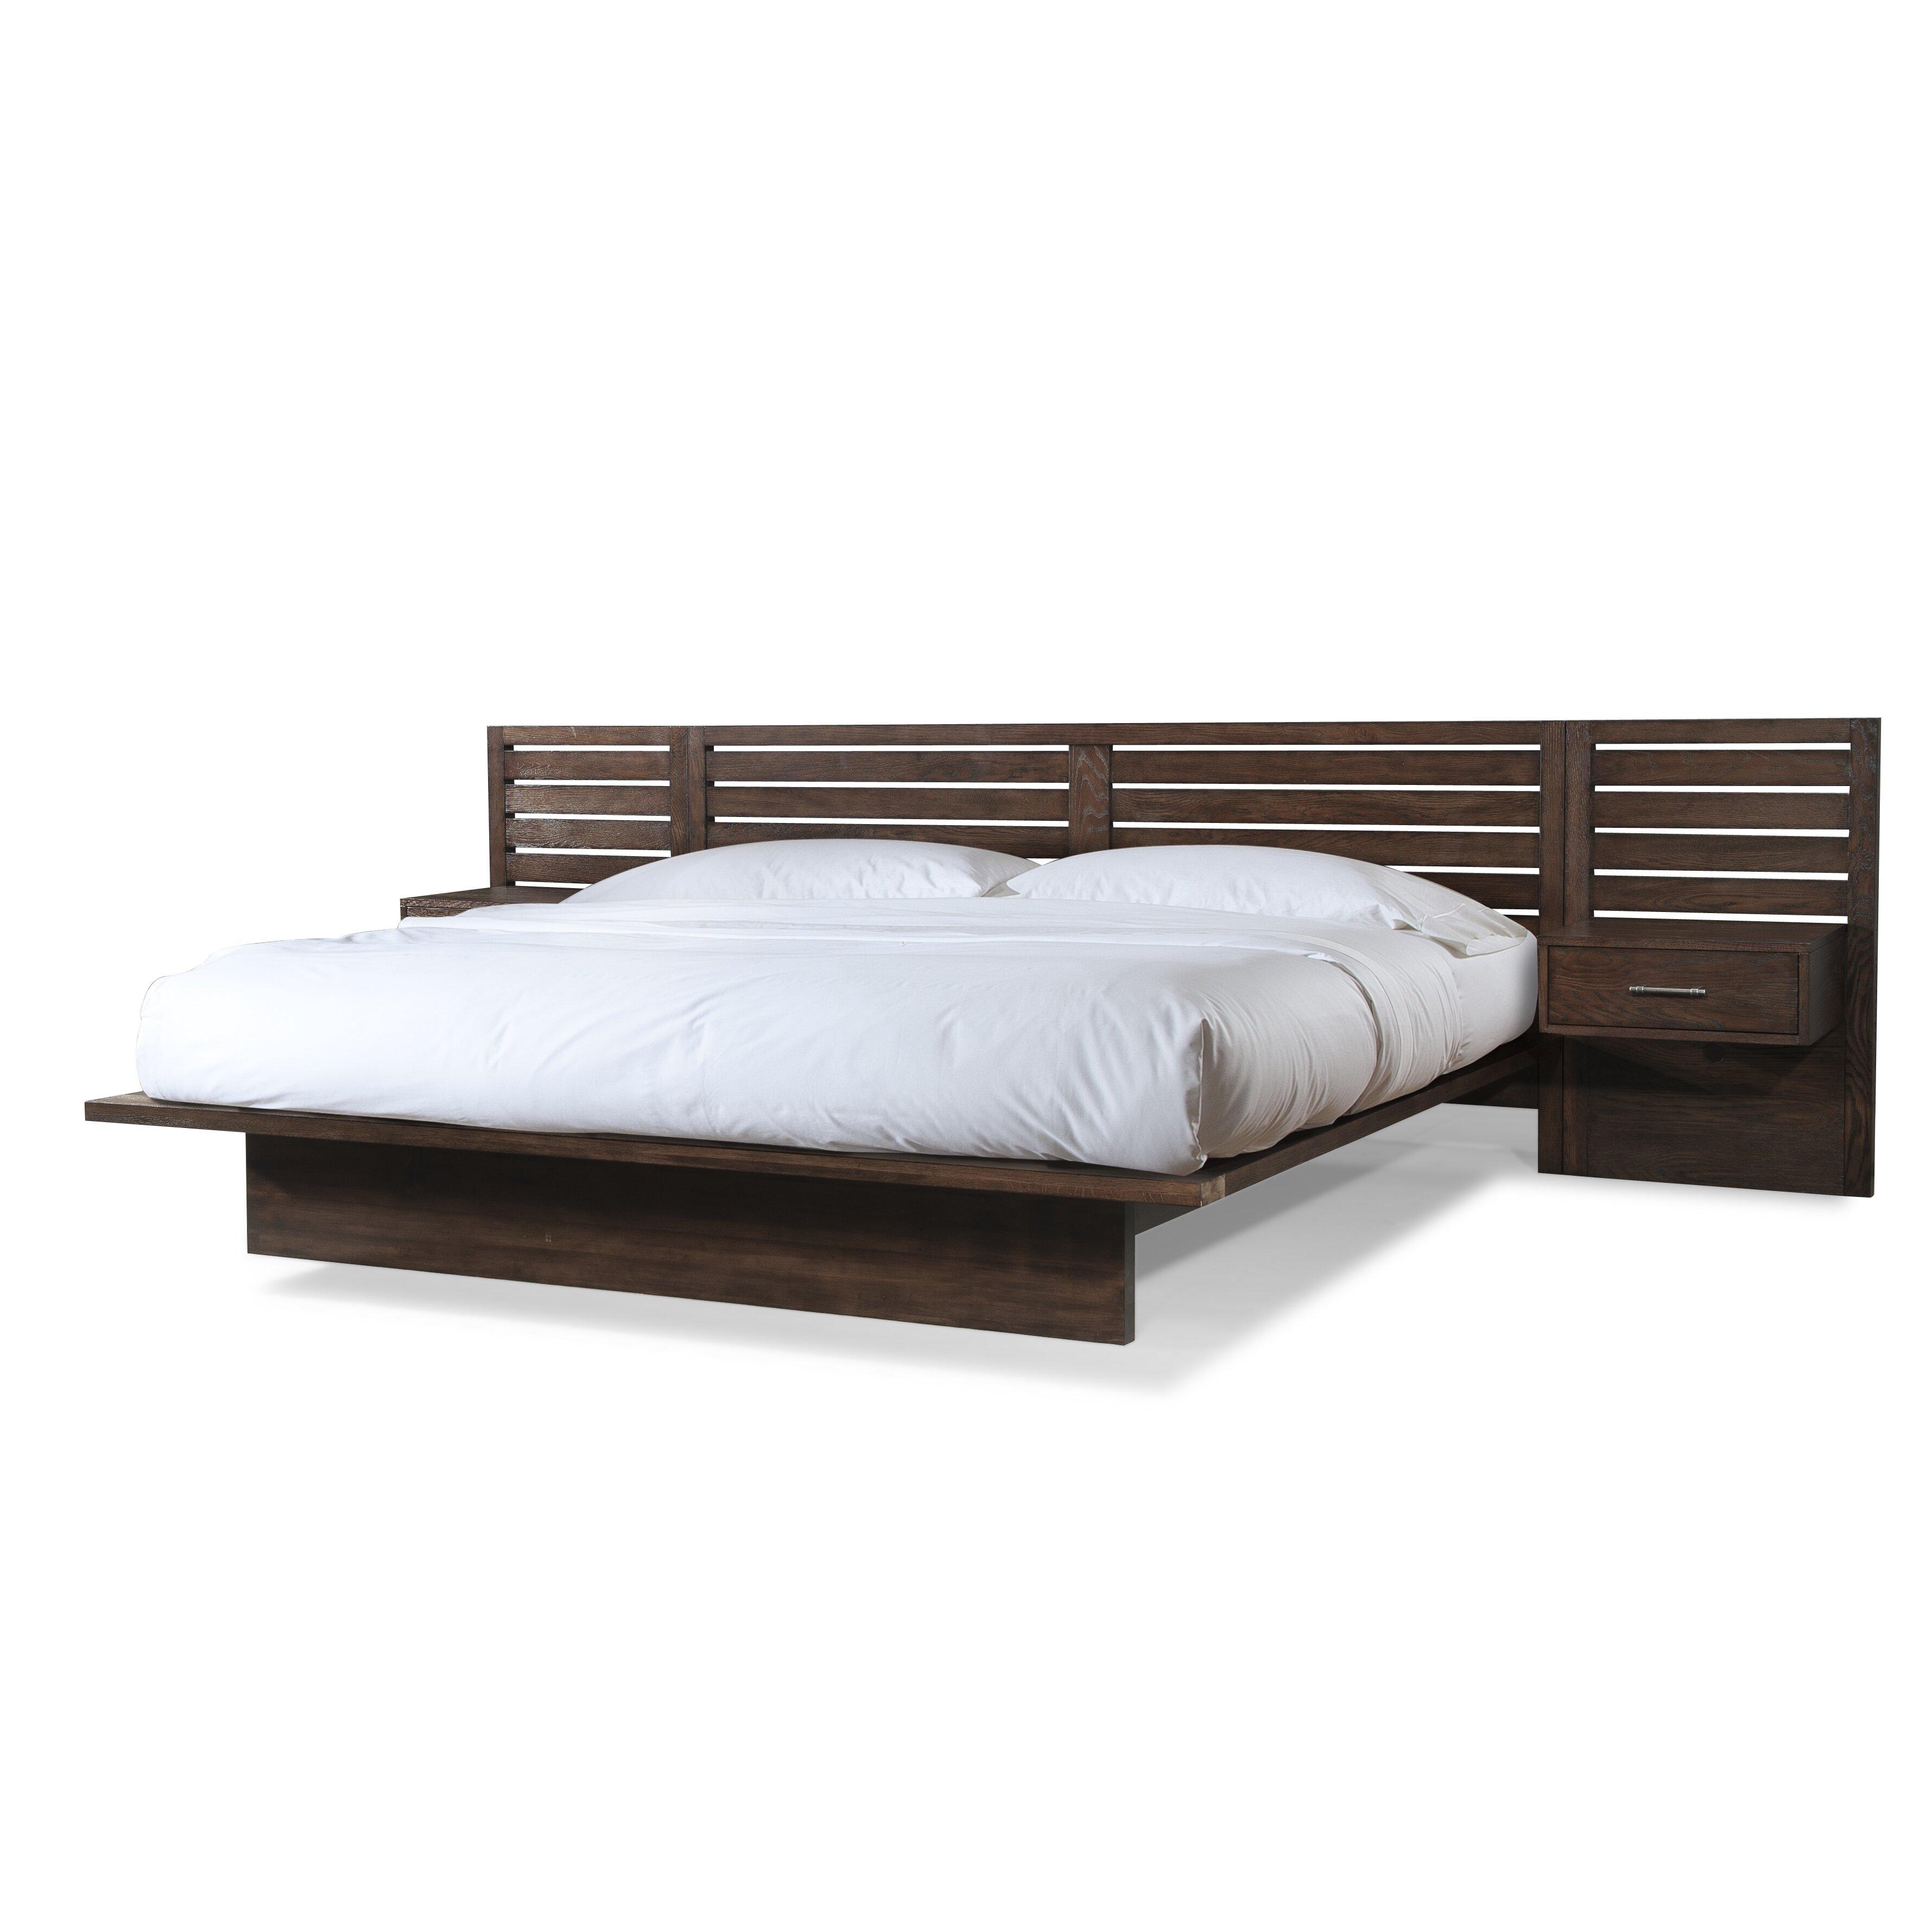 Platform Bedroom Furniture Cresent Furniture Hudson Platform Bed Reviews Wayfair